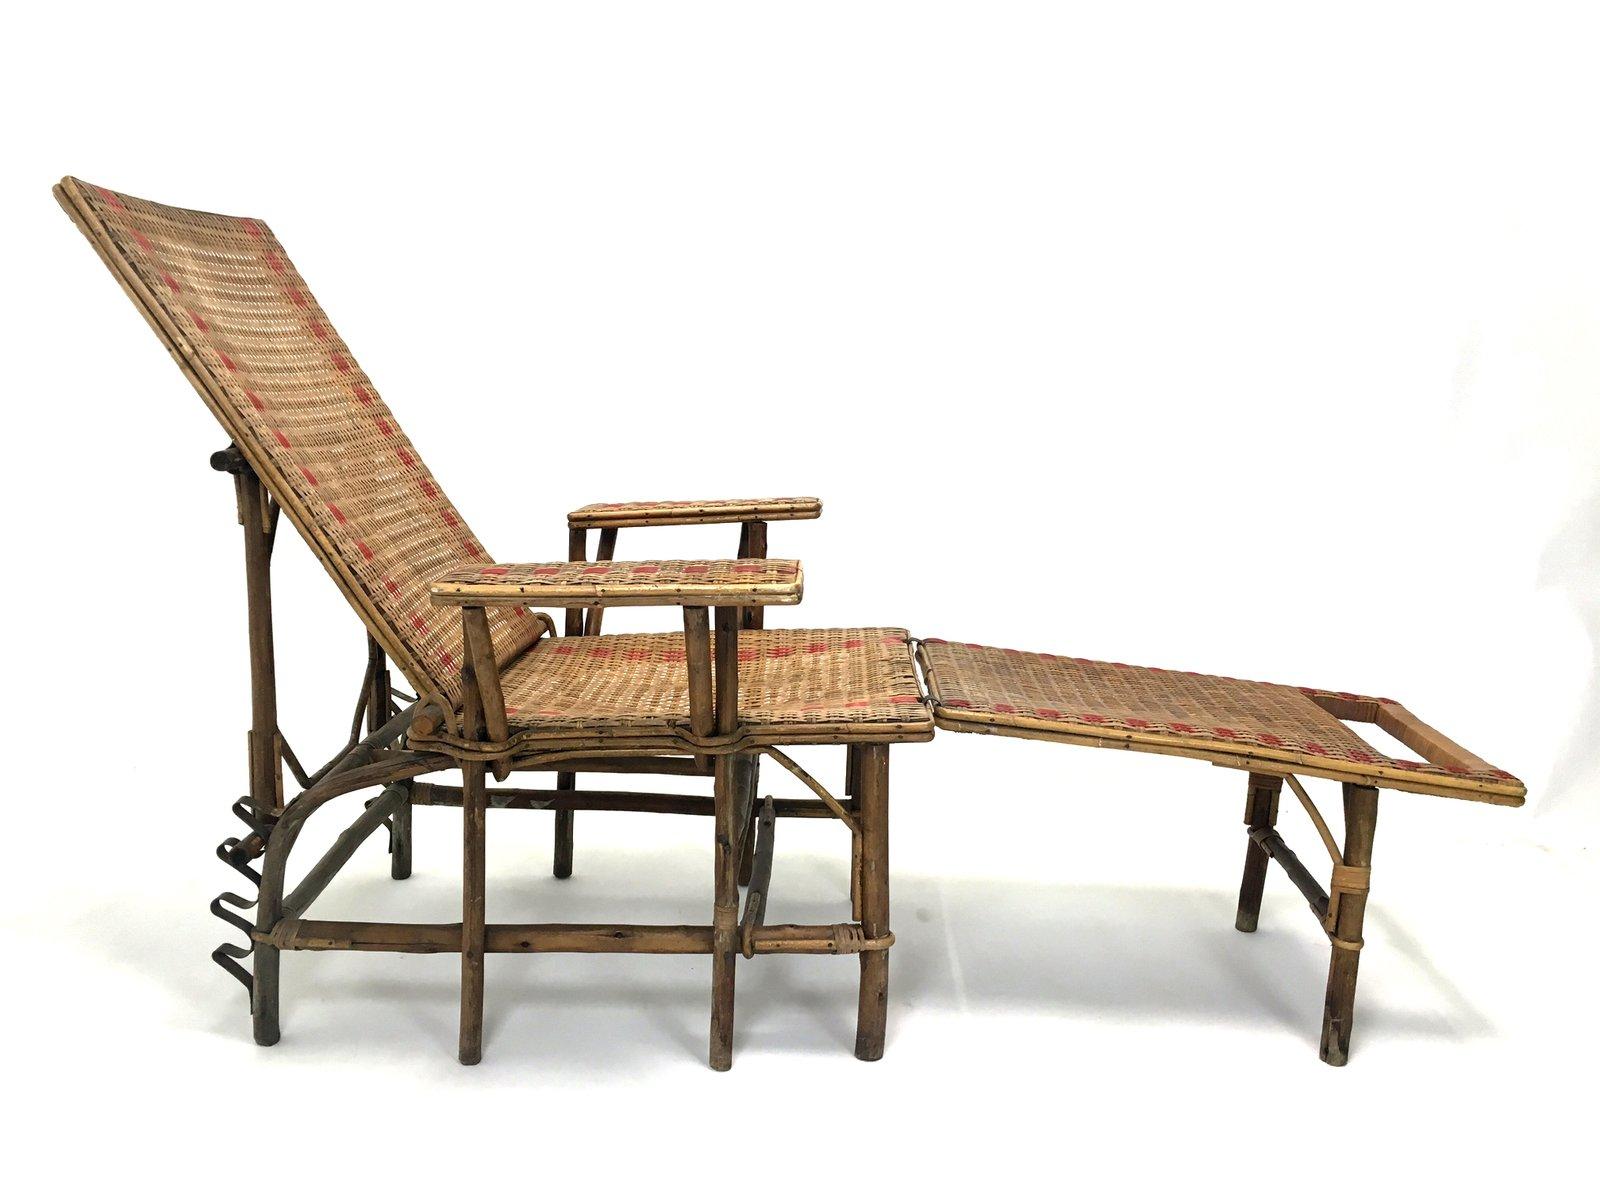 fauteuil en osier et bambou avec repose pieds france 1920s en vente sur pamono. Black Bedroom Furniture Sets. Home Design Ideas